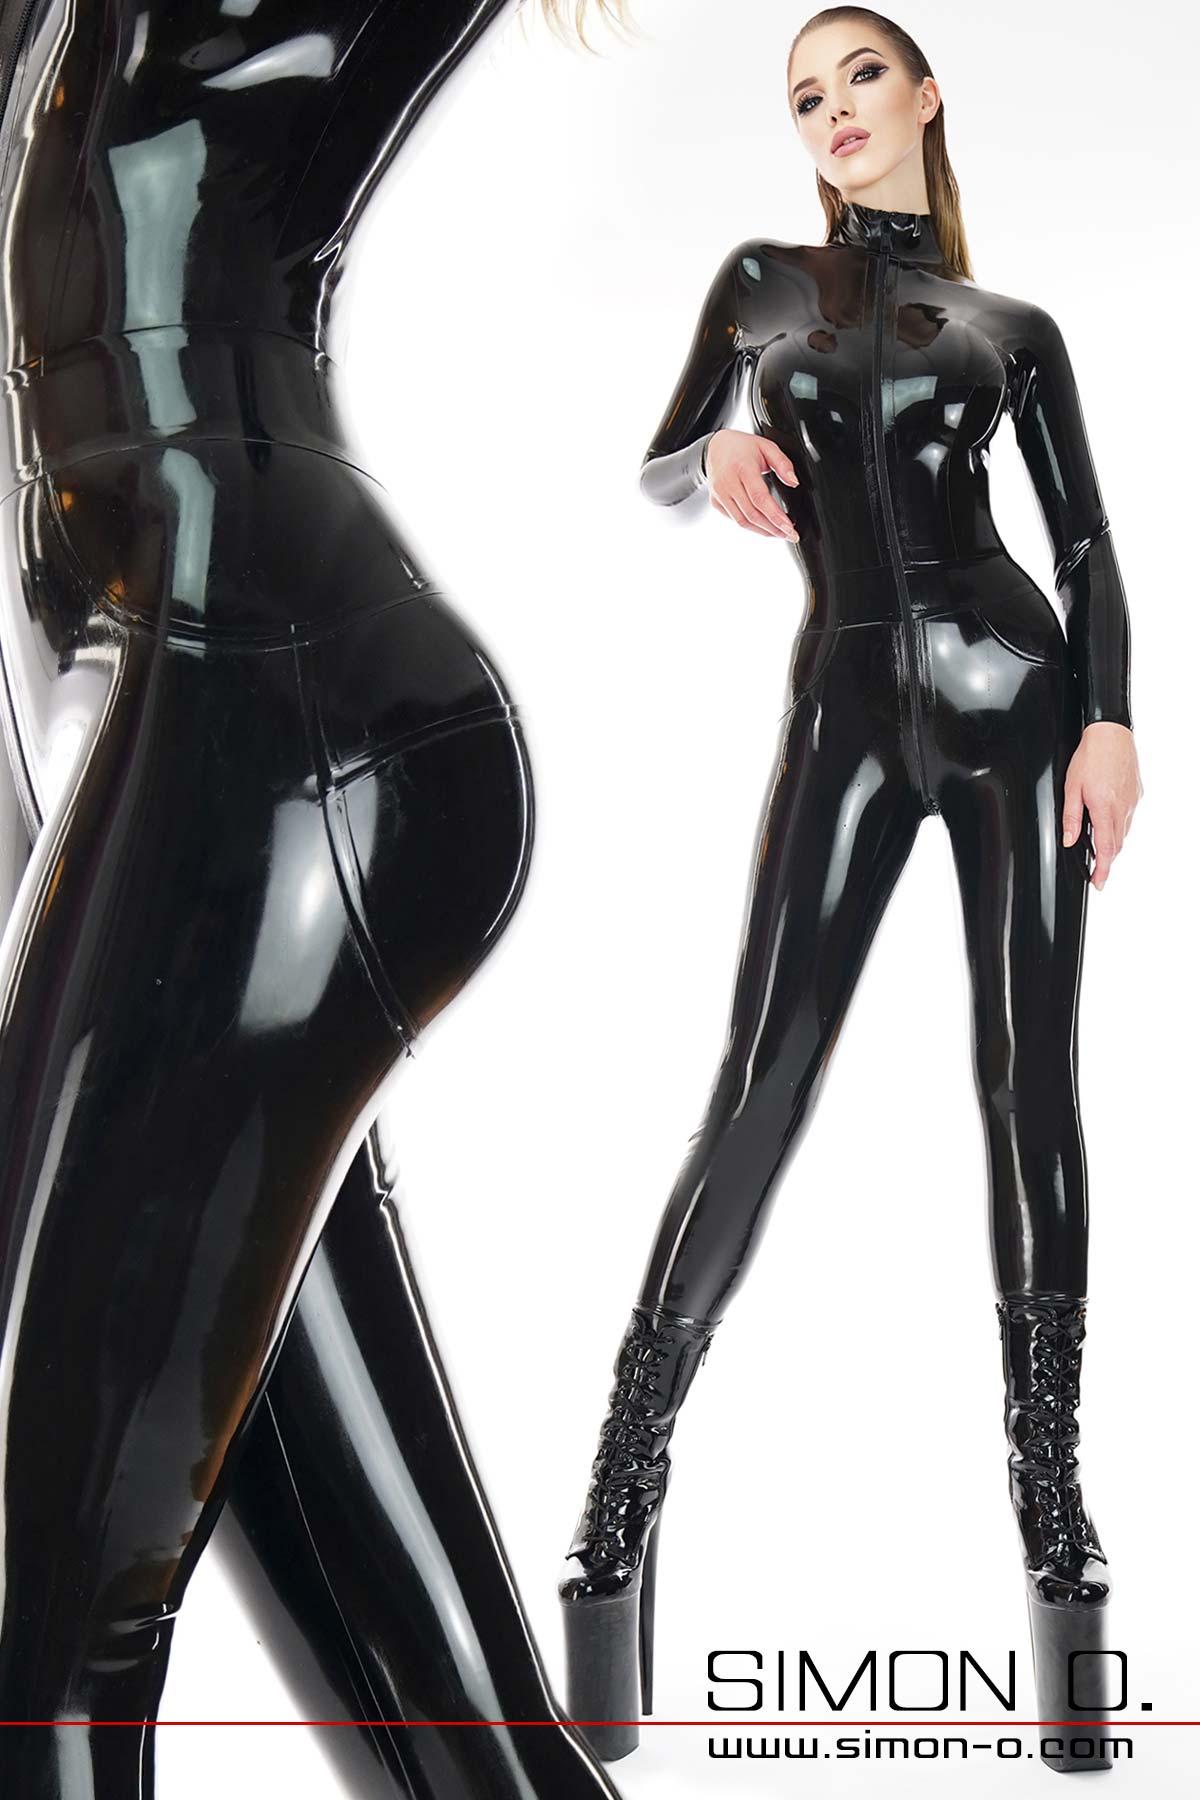 Ein Model trägt einen hautengen Latex Overall in Schwarz. Der Overall hat vorne durch den Schritt eine Zipp.